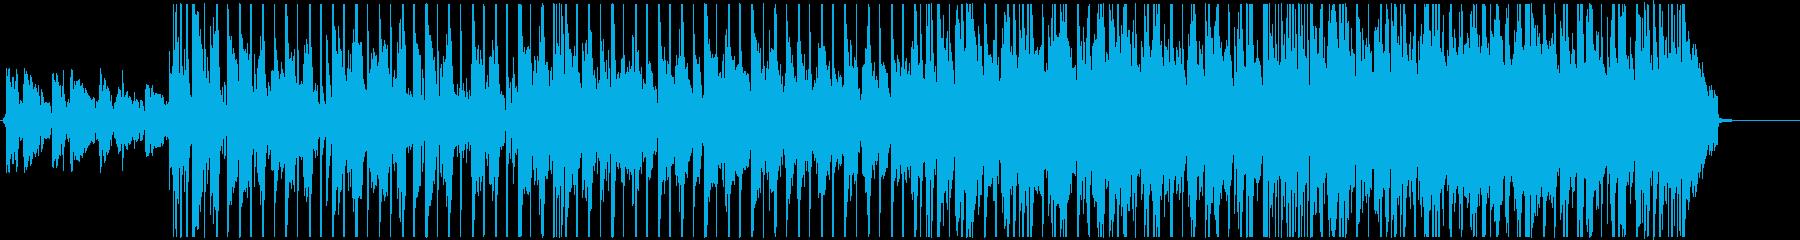 サラサラ ジャズ R&B アクティ...の再生済みの波形